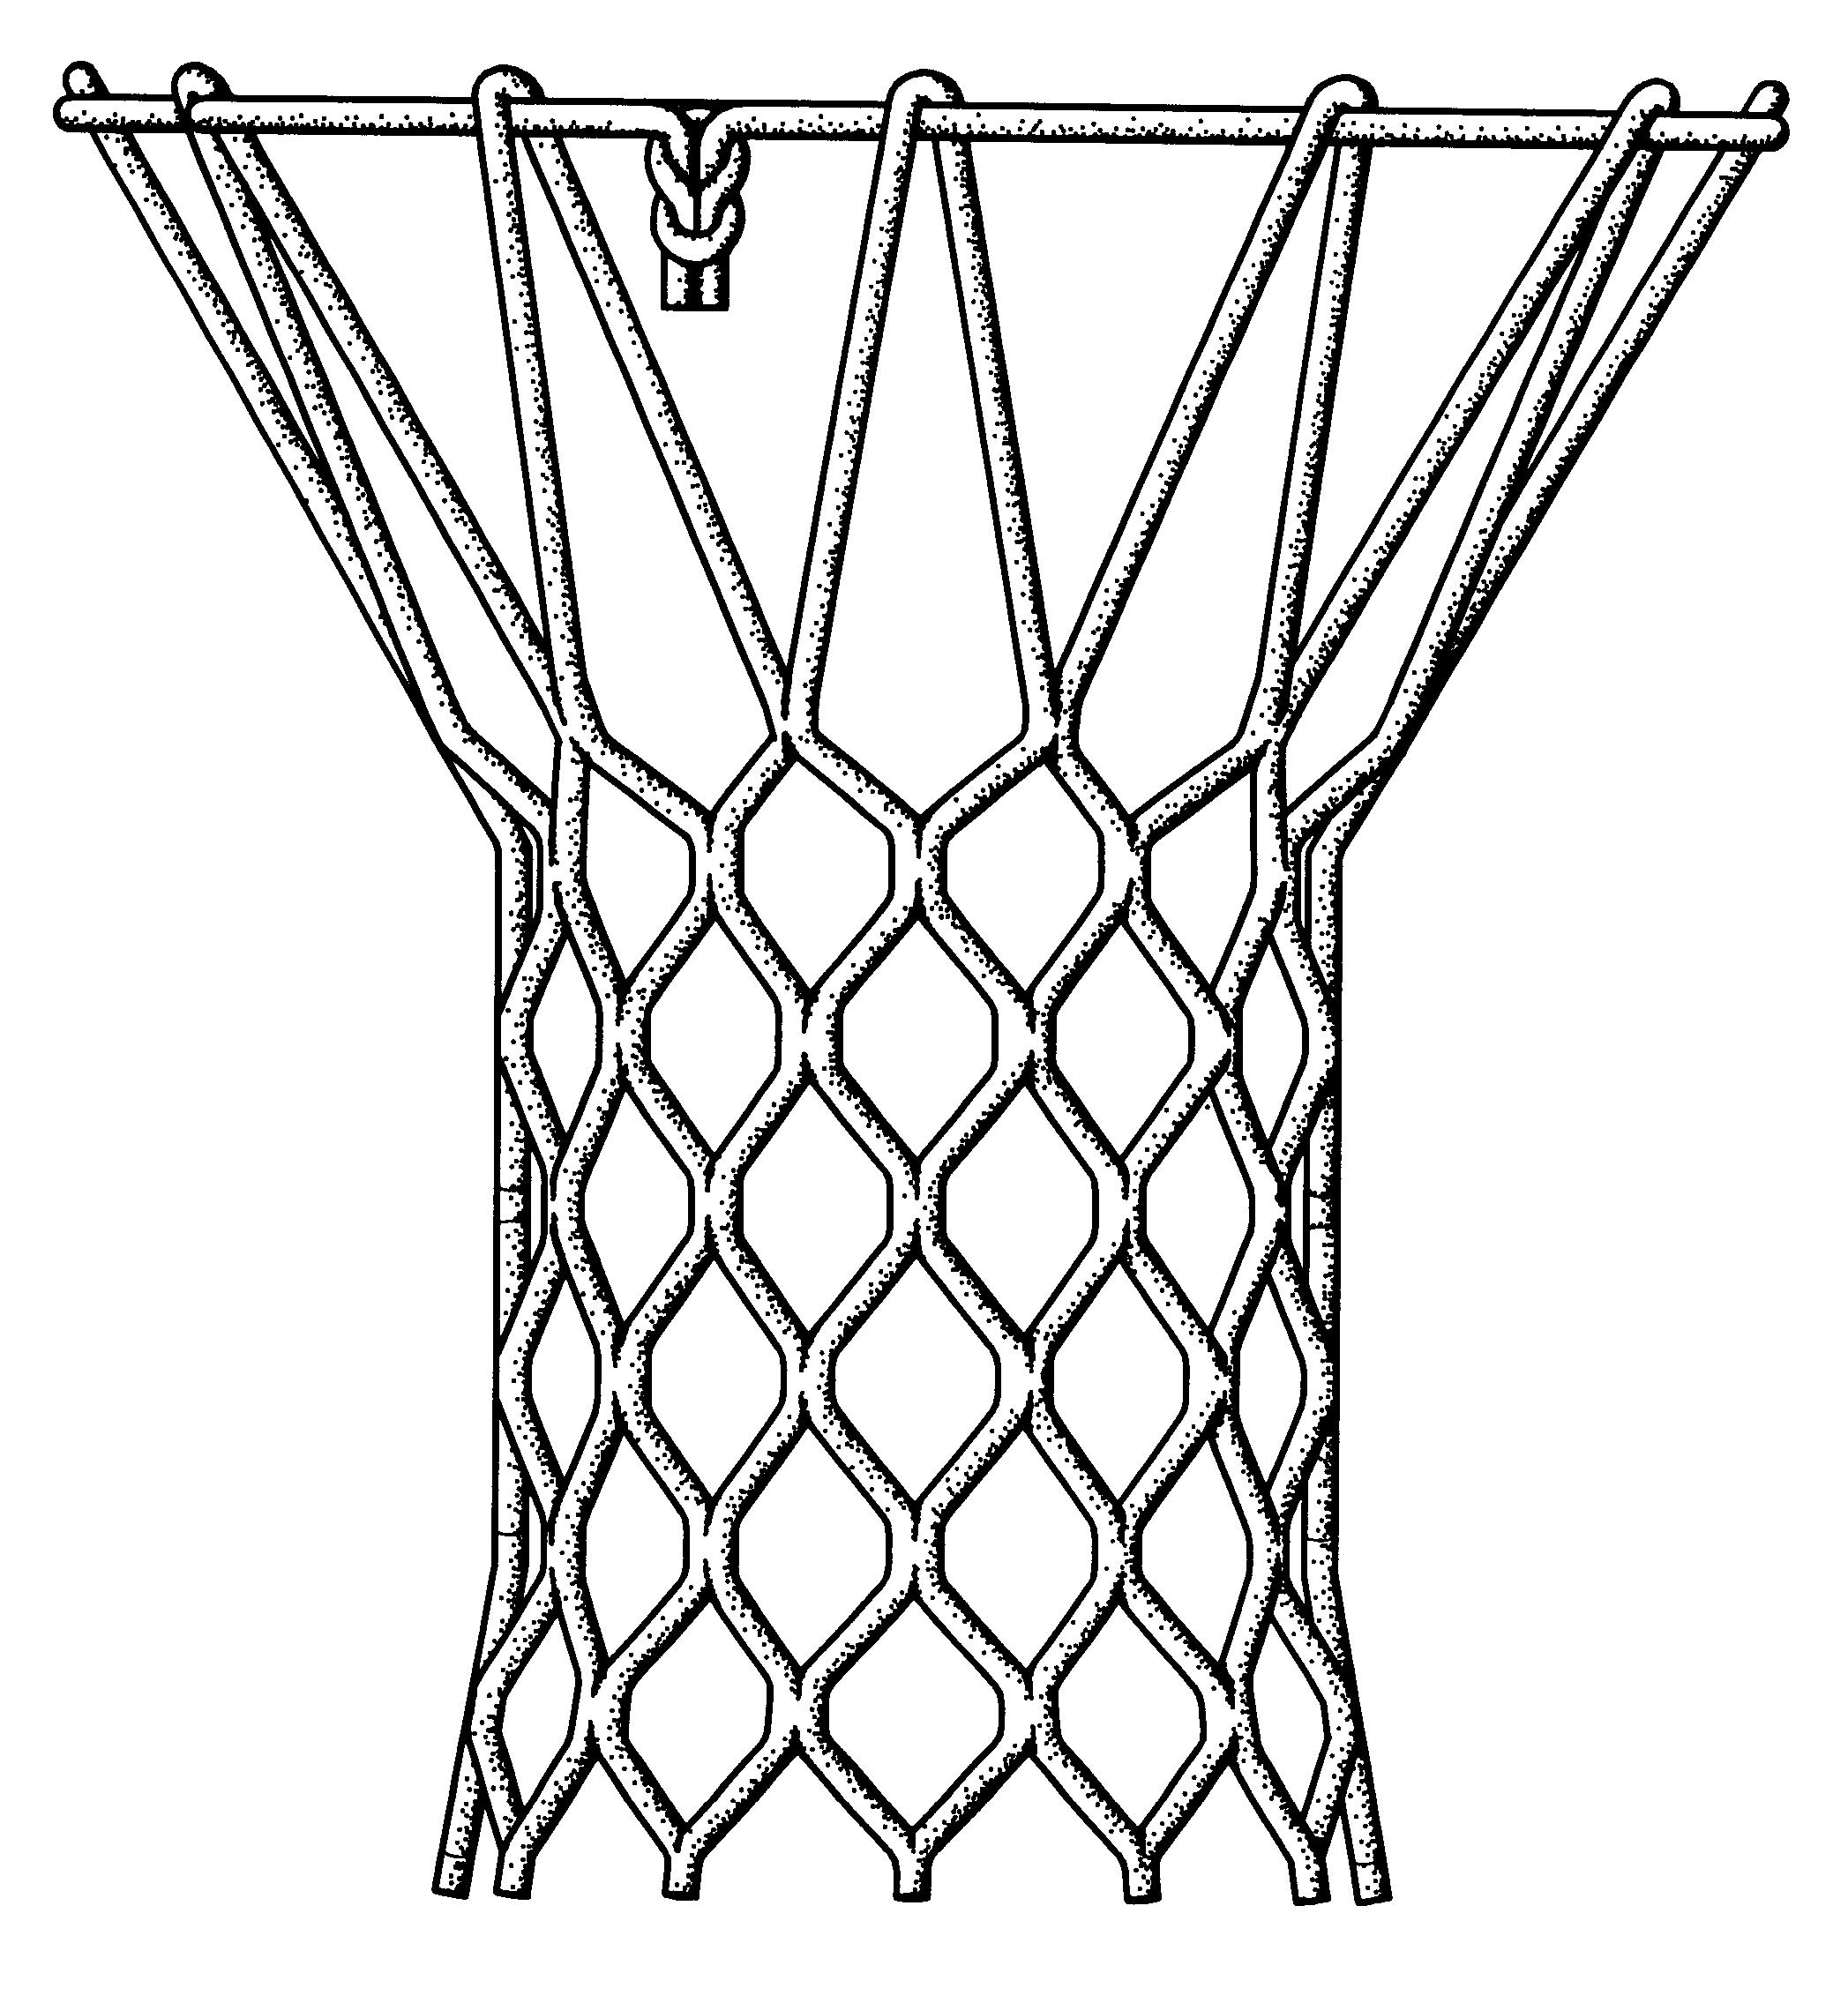 how to draw a basketball net sideways